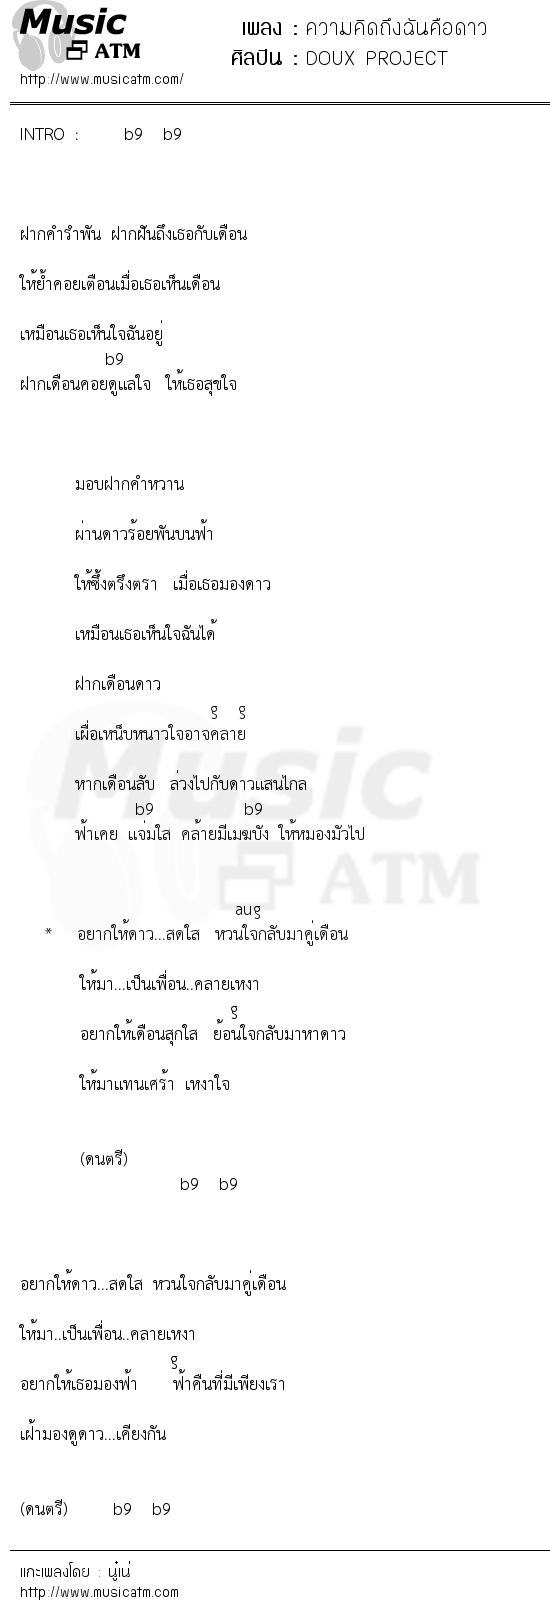 ความคิดถึงฉันคือดาว | เพลงไทย